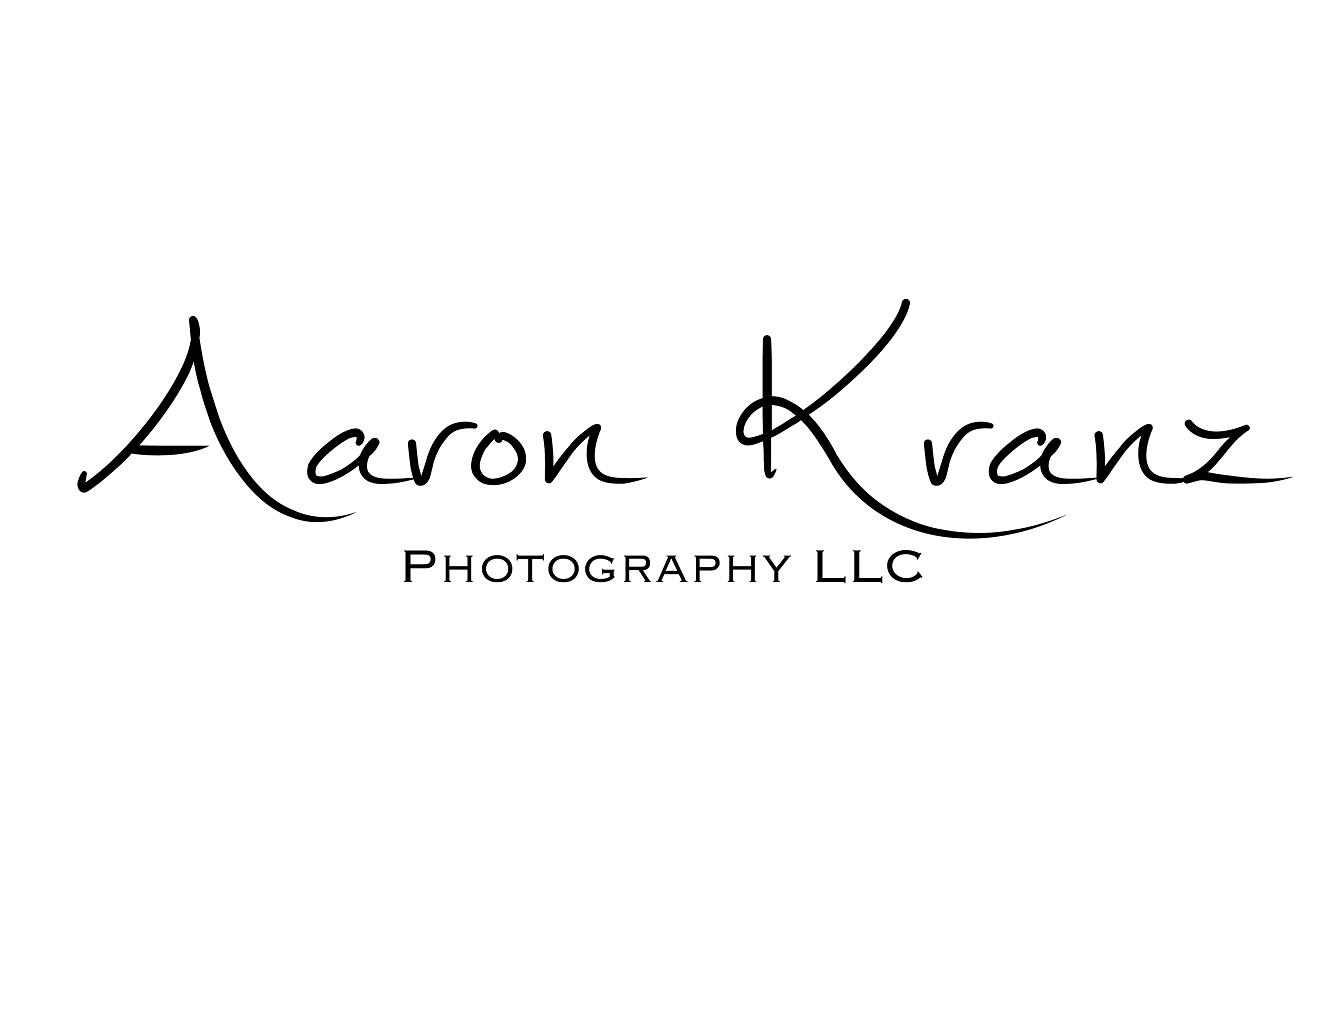 Aaron Kranz Photography floor plan in Saint Charles